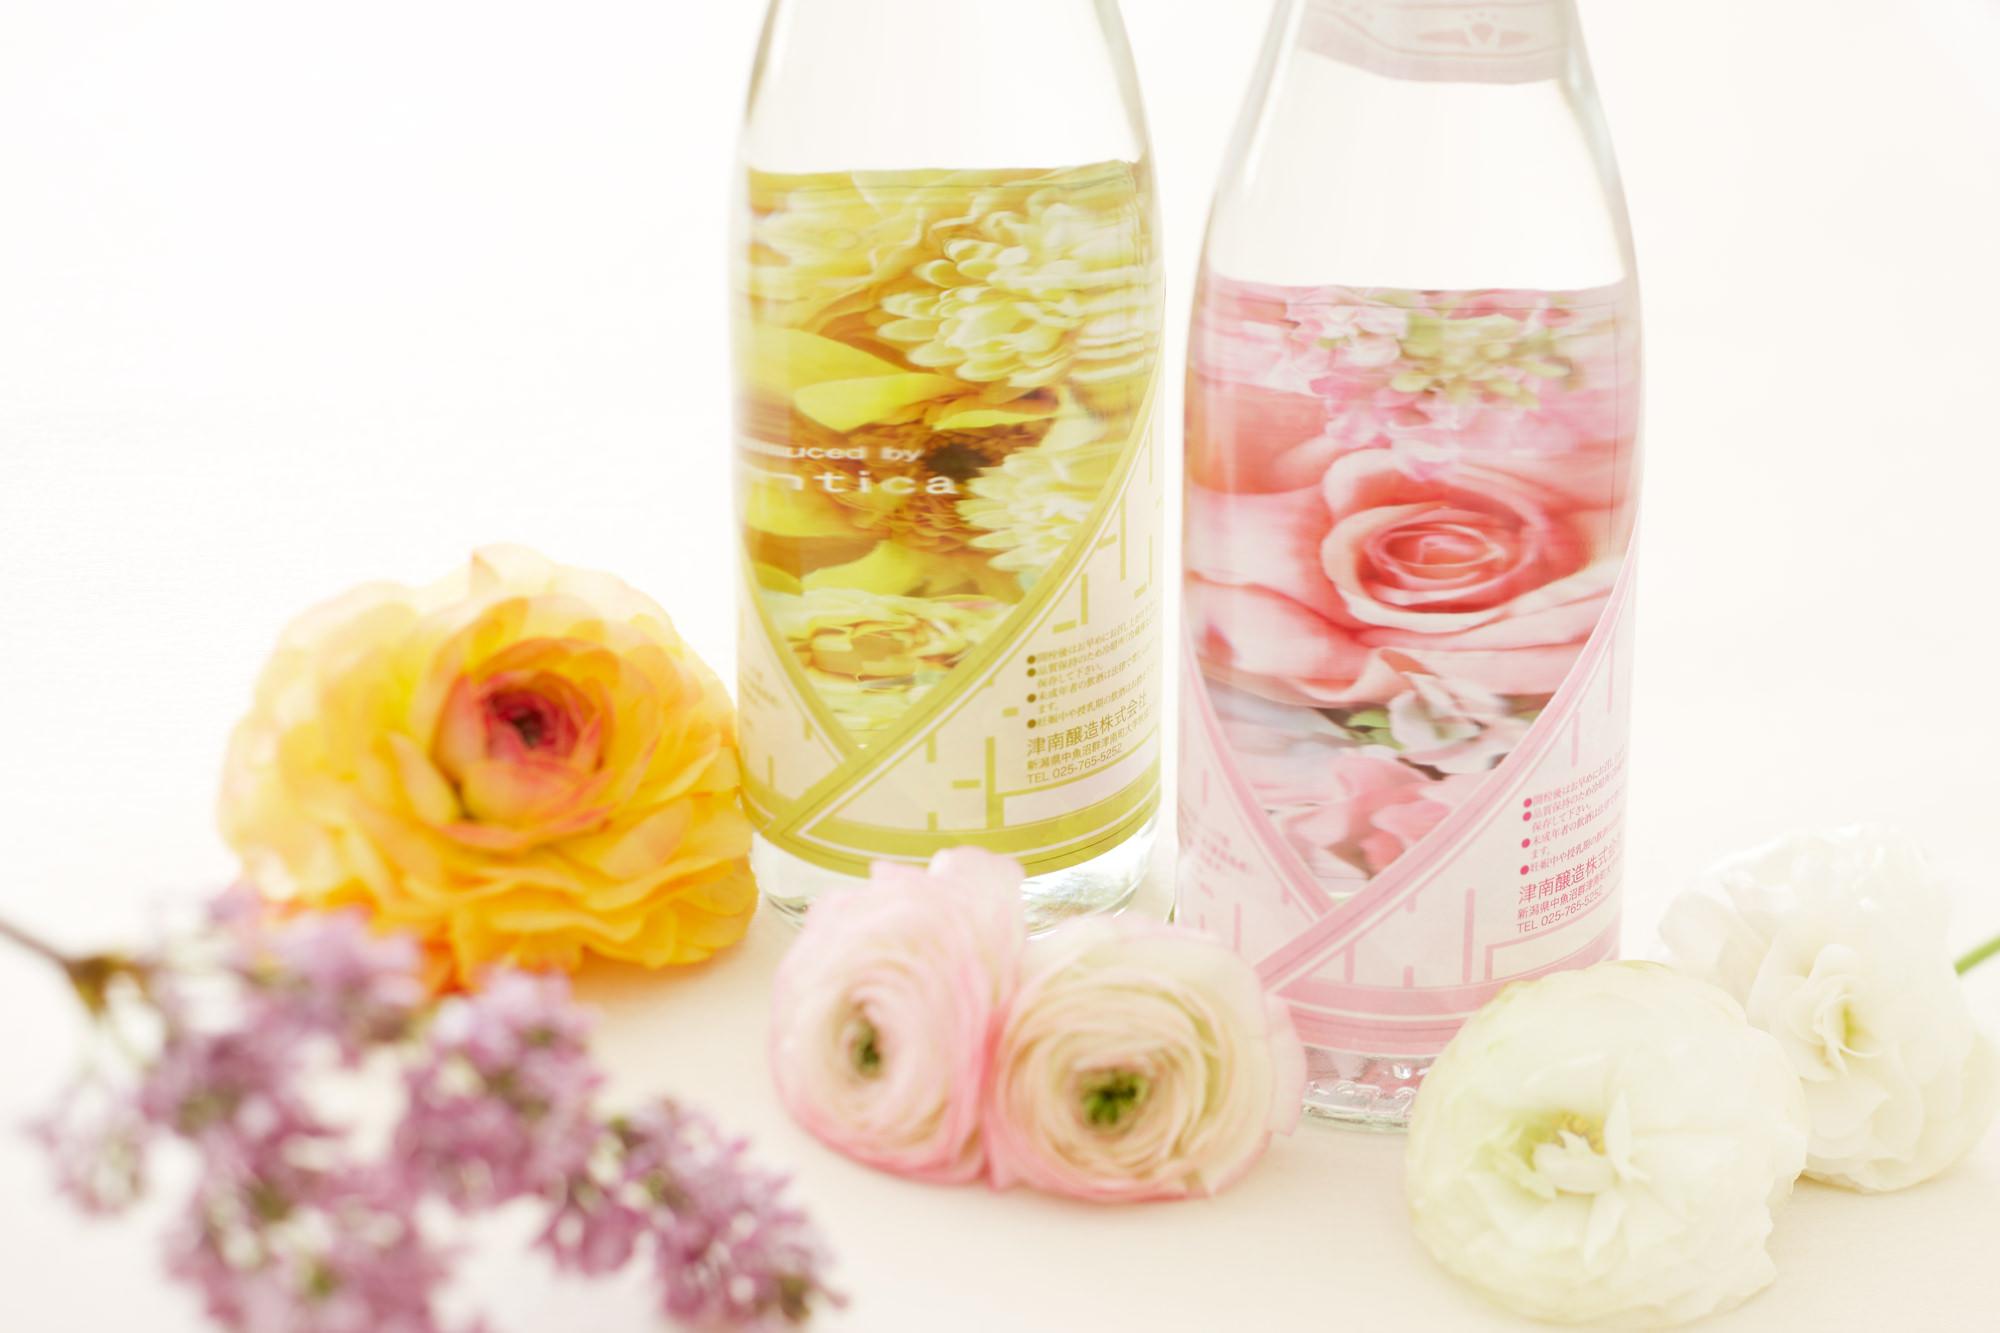 華やぐデザイン日本酒でカンパイを。母の日に選びたい新ギフト_2